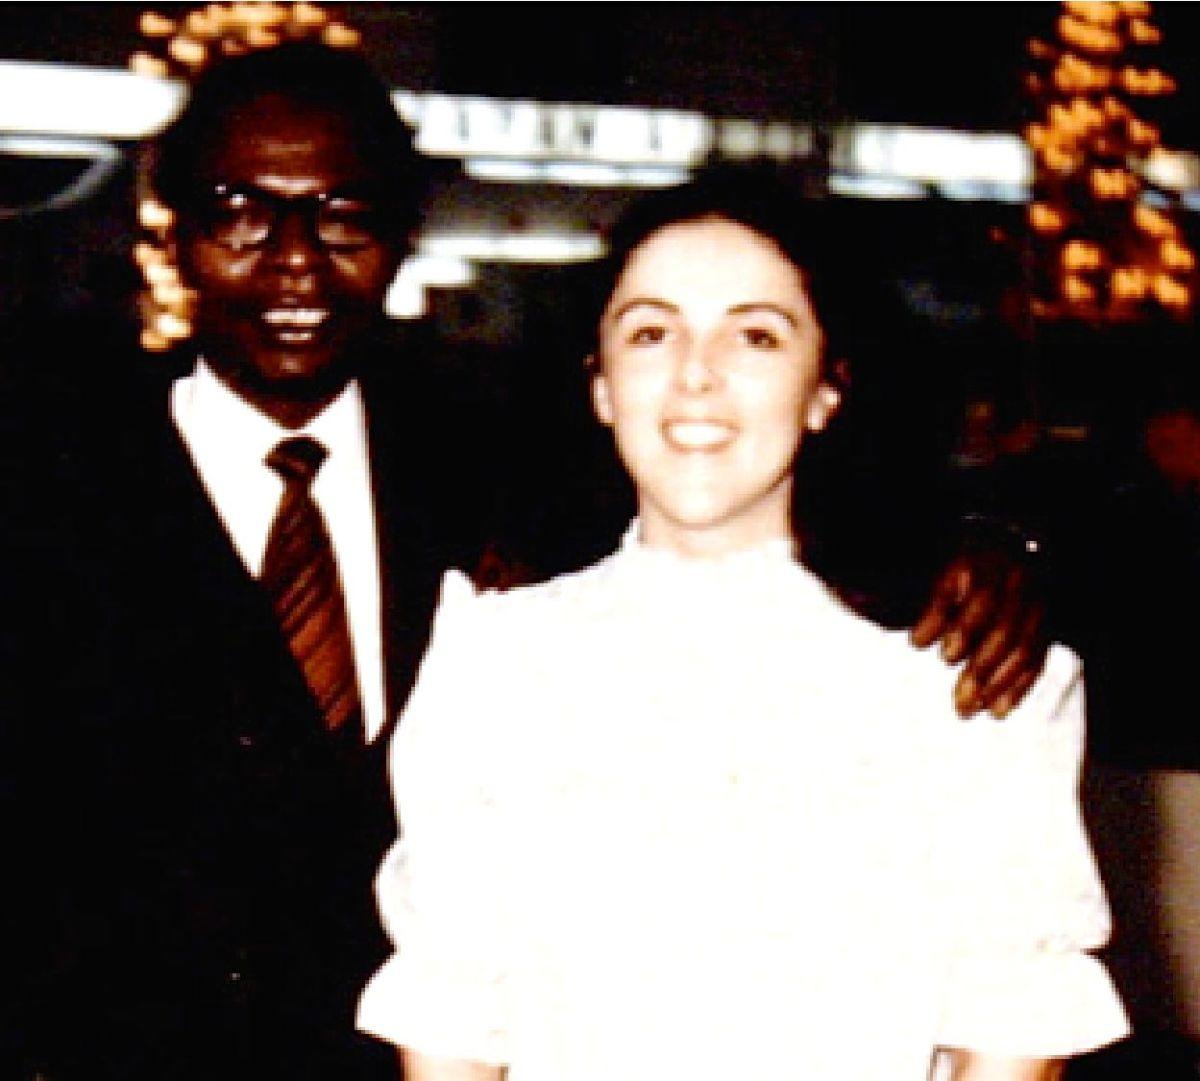 Barack Hussein Obama's parents